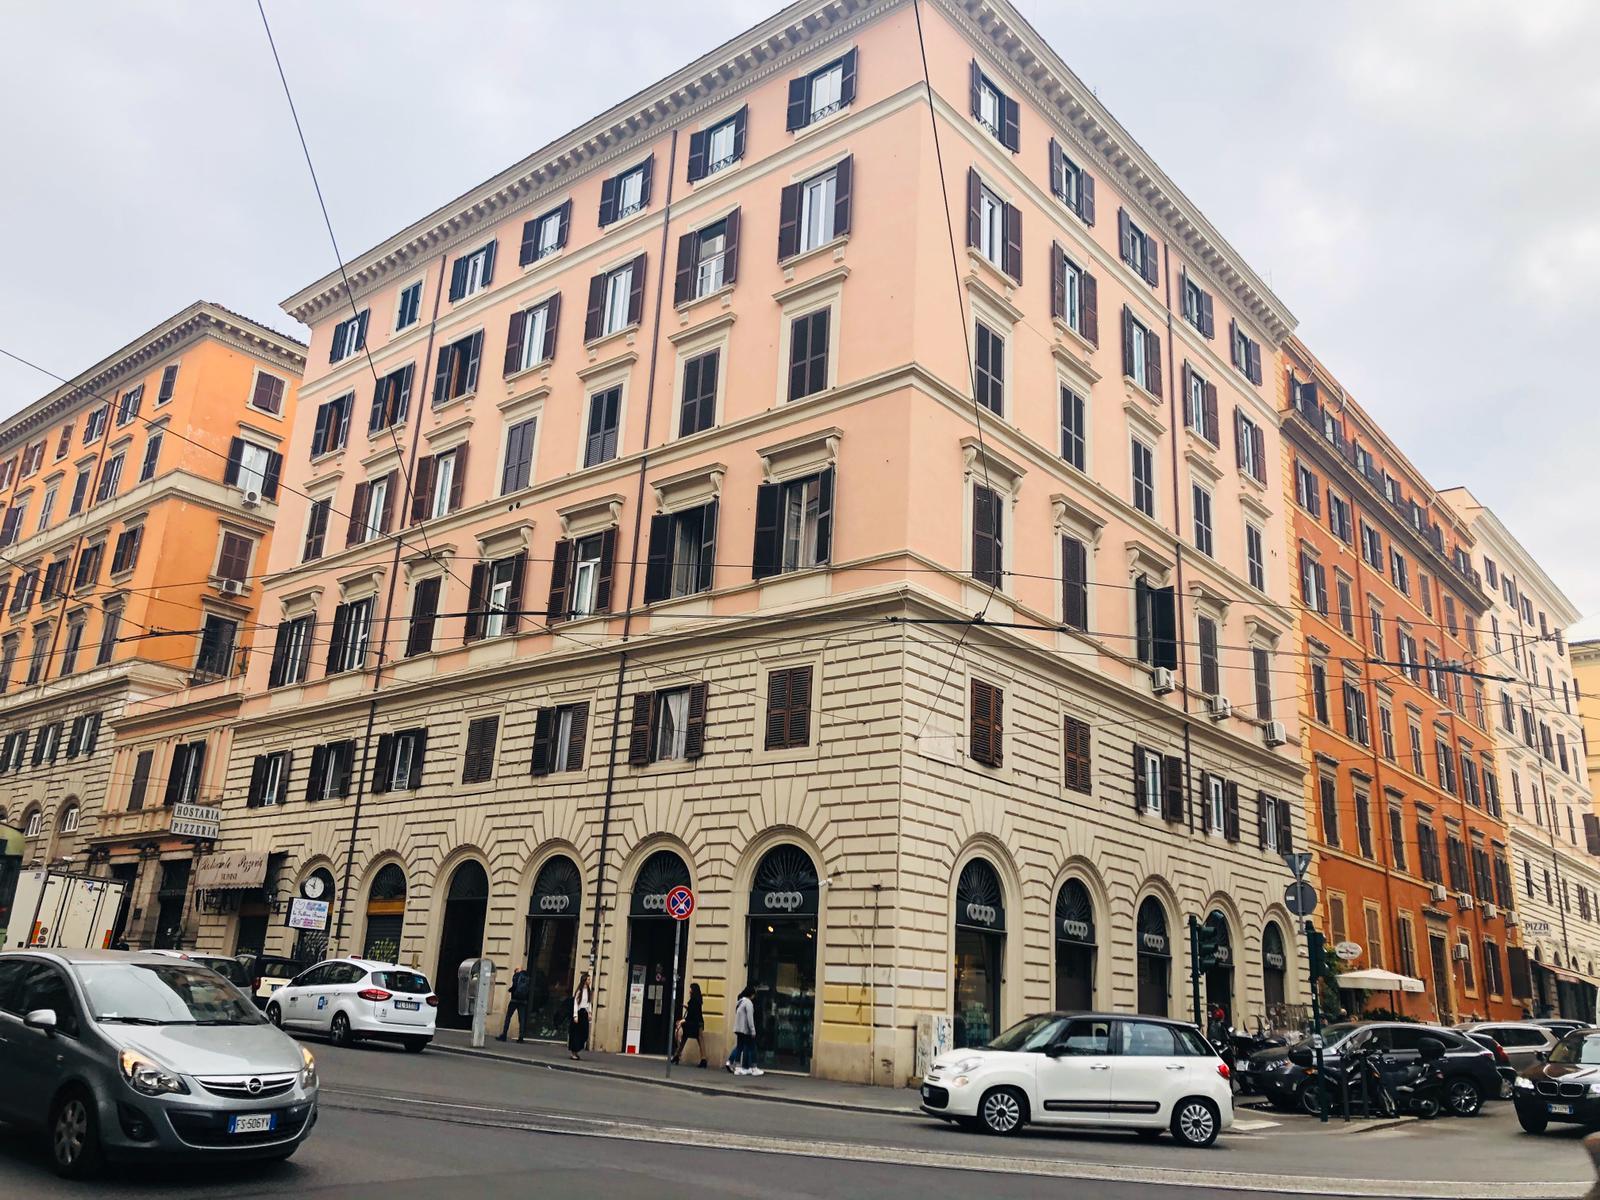 Appartamento in vendita a Roma, 6 locali, zona Località: Esquilino, prezzo € 1.050.000 | CambioCasa.it